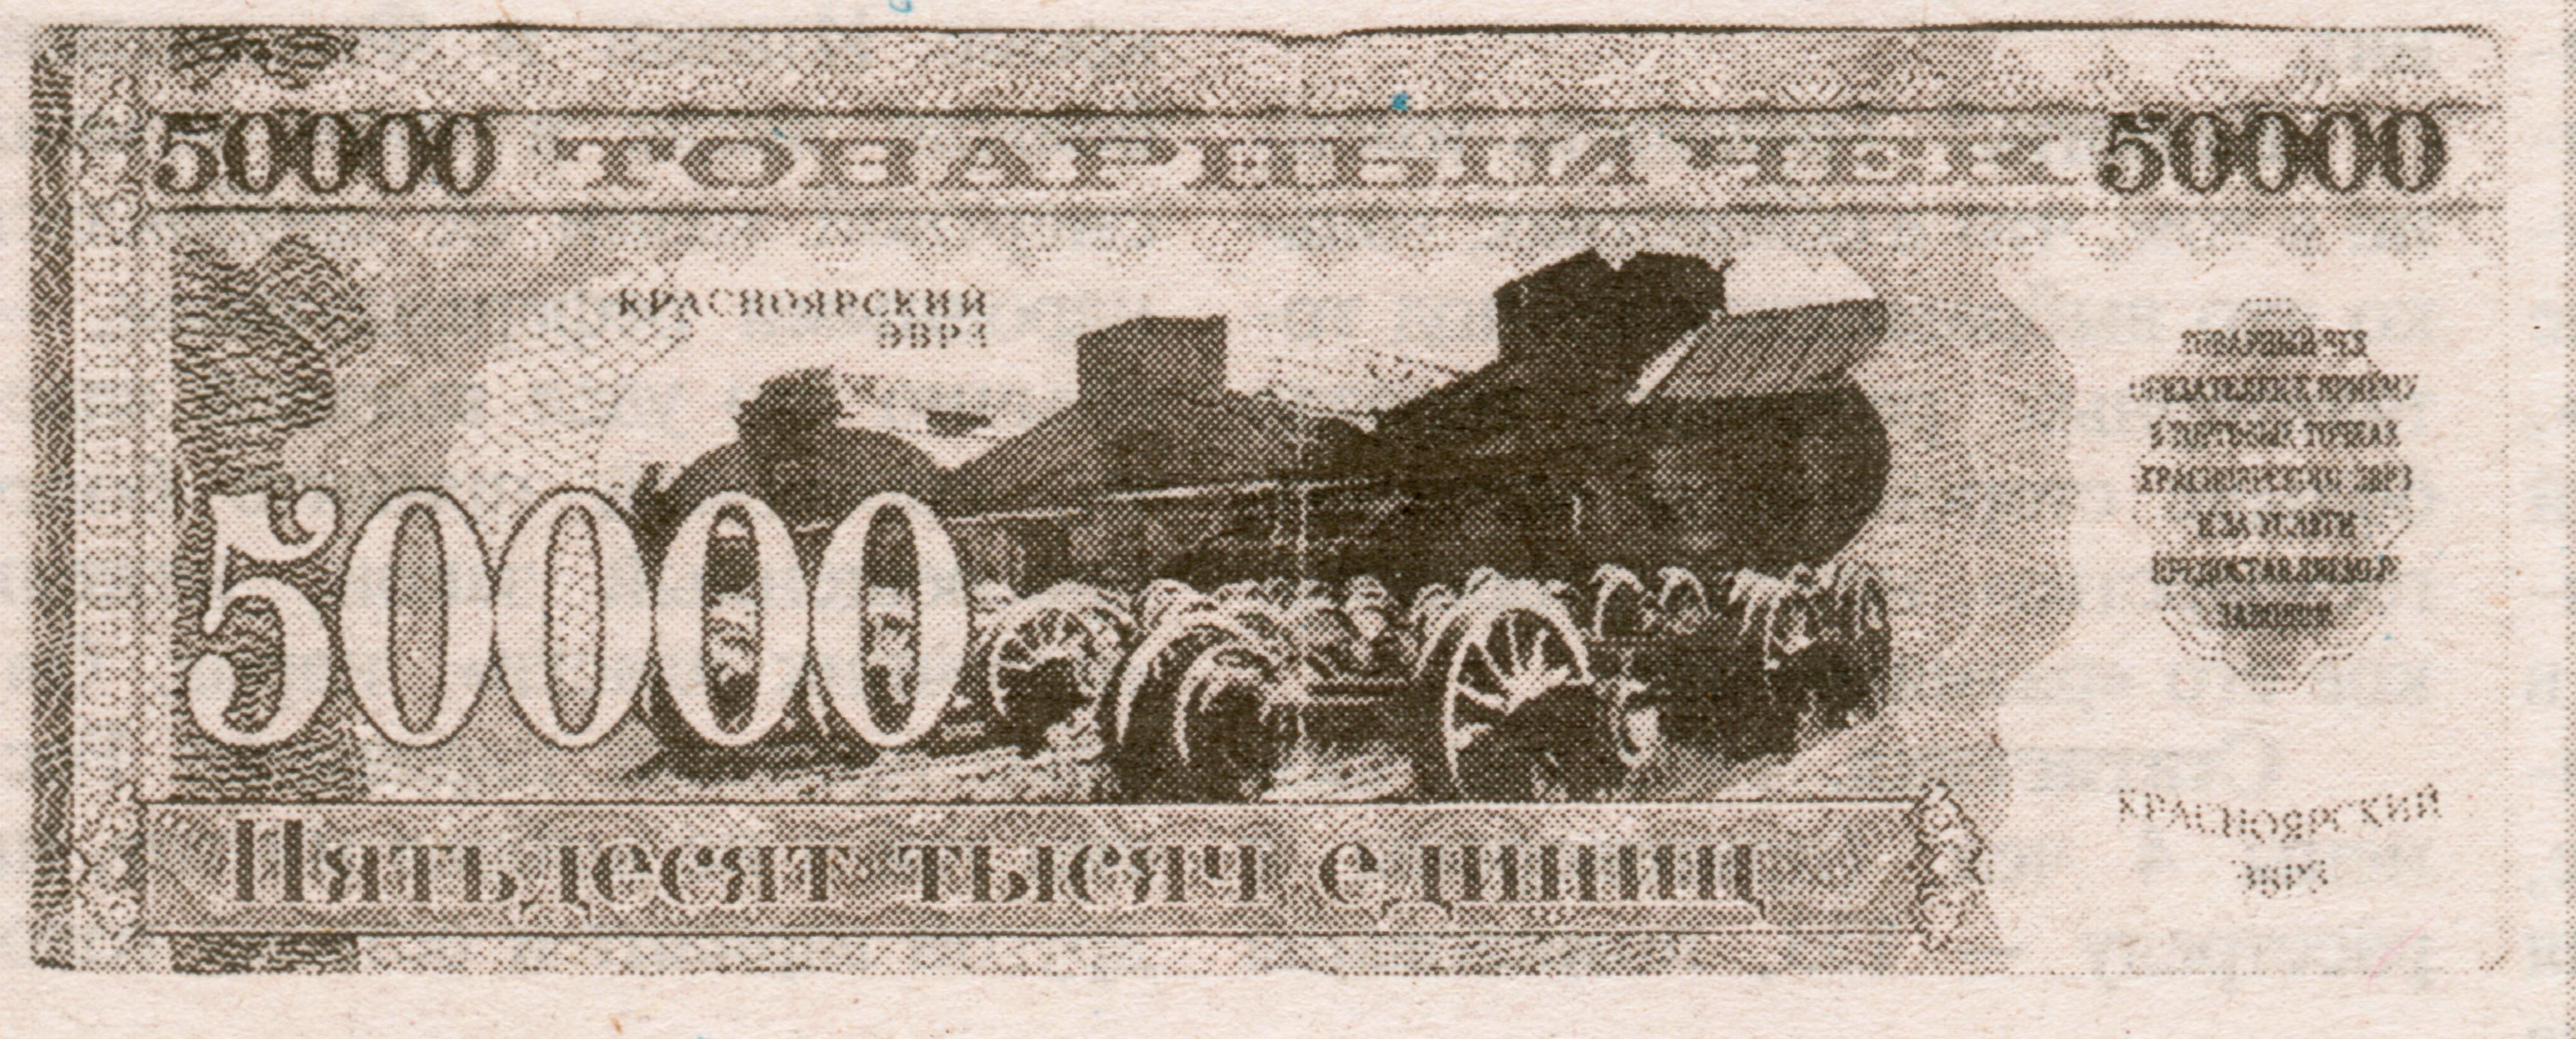 Файл:Красноярский чек ЭРВЗ 50000 рублей. 1996-97.jpg — Википедия